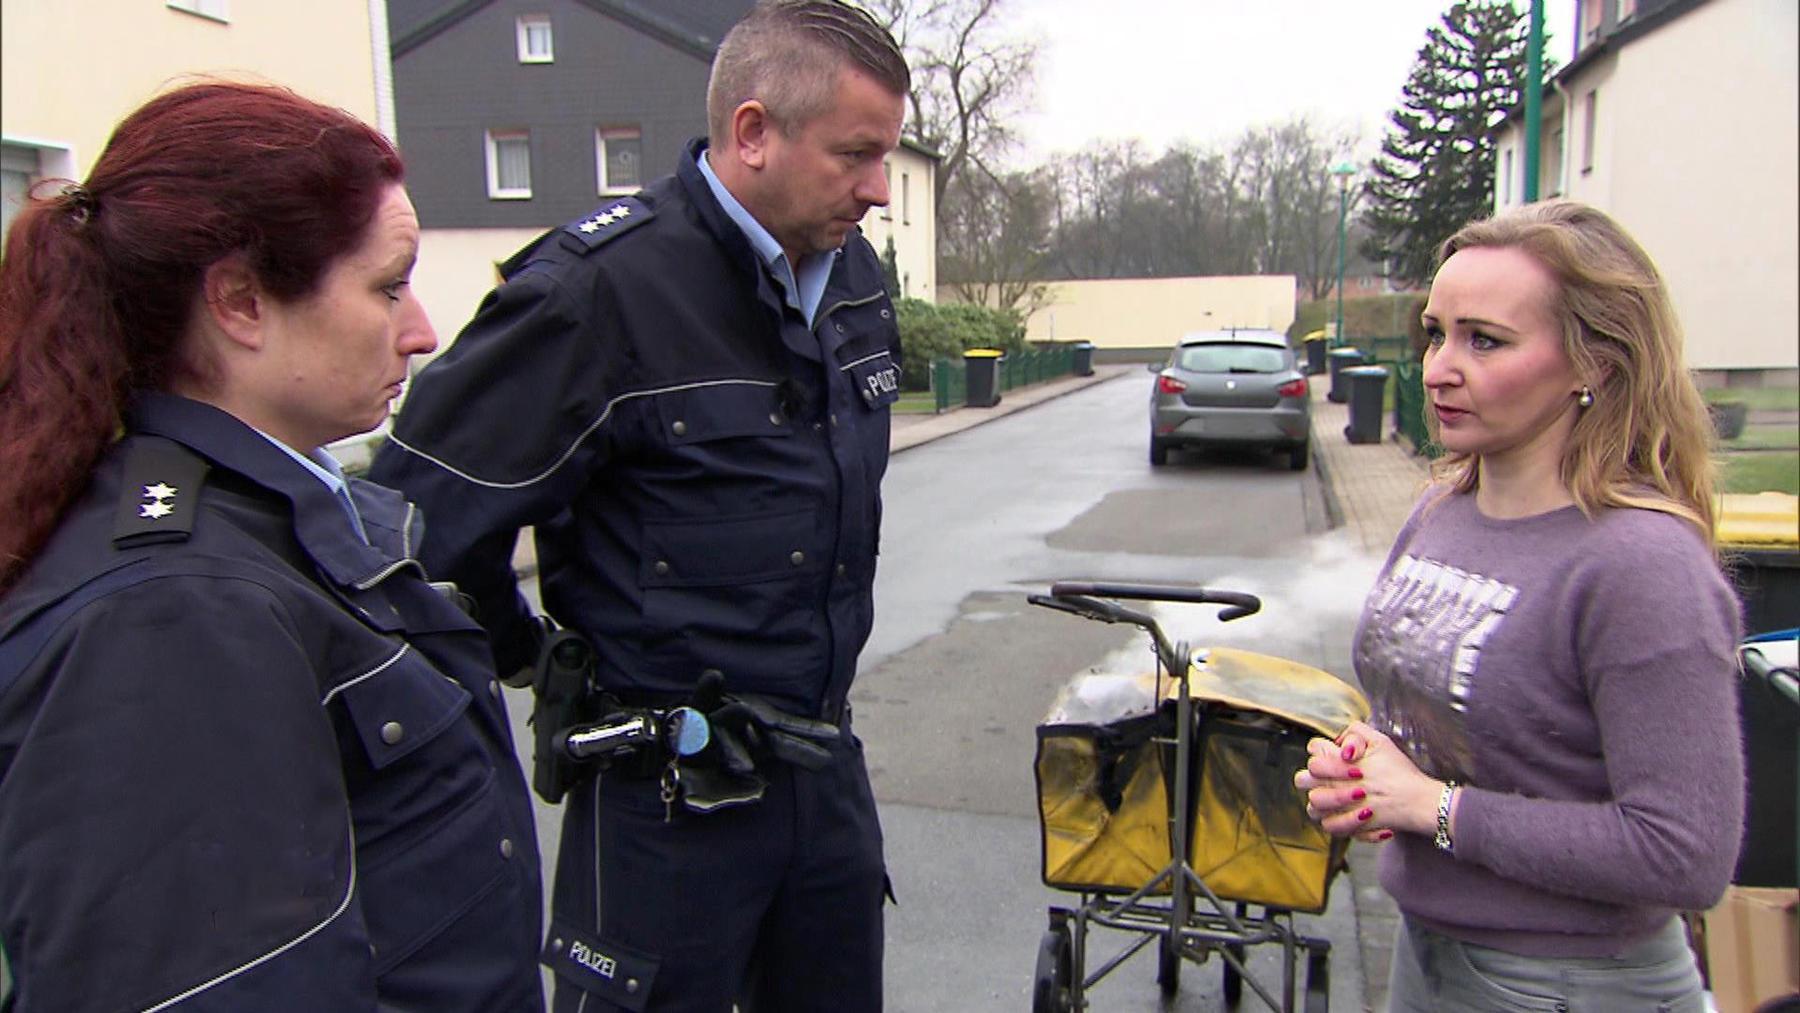 Polizei findet vermisste 15-Jährige   Brennender Postwagen stellt Polizei vor ein Rätsel